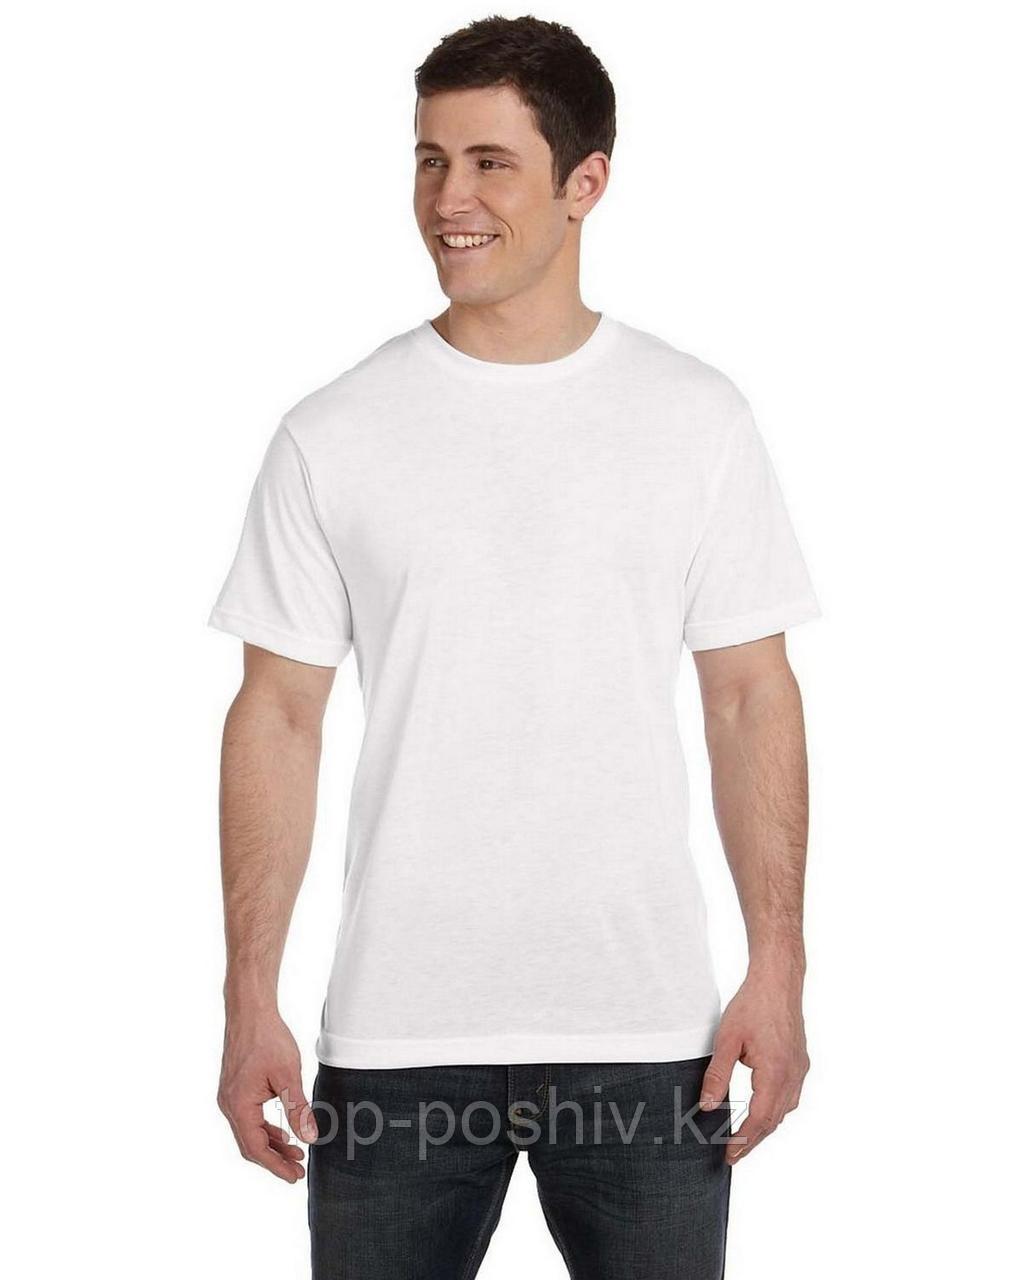 """Футболка для сублимации Джерси 140 """"Unisex"""" цвет: белый"""